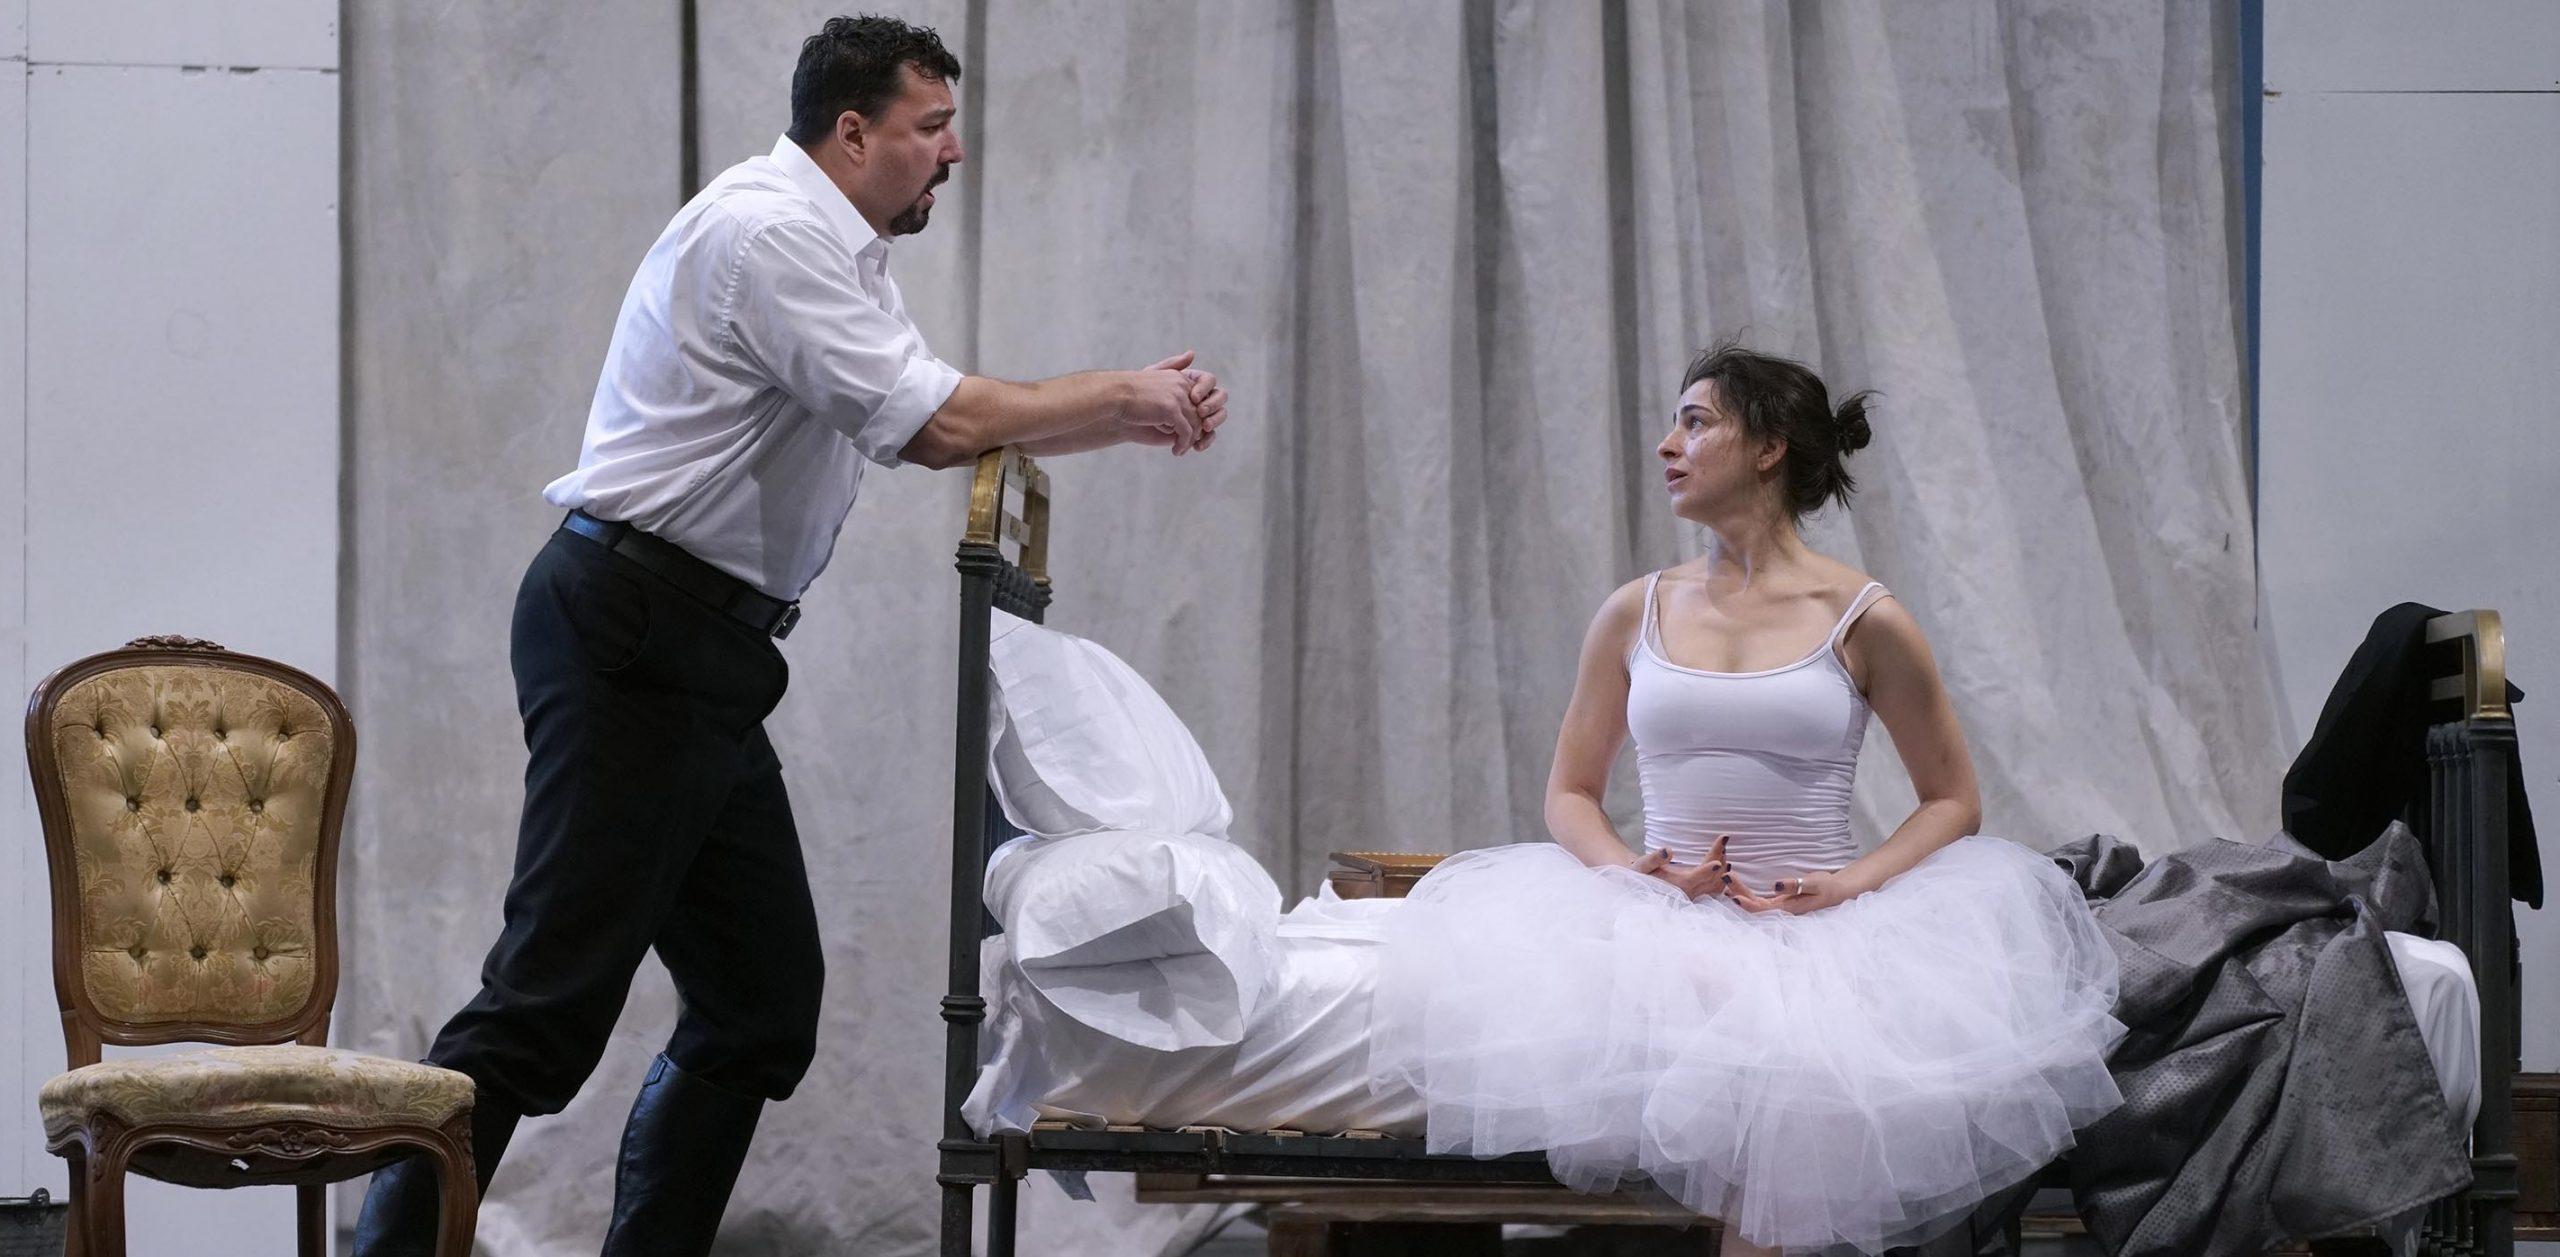 El tenor Eric Cutler (El príncipe) y la soprano Asmik Grigorian (Rusalka). © Javier del Real | Teatro Real.